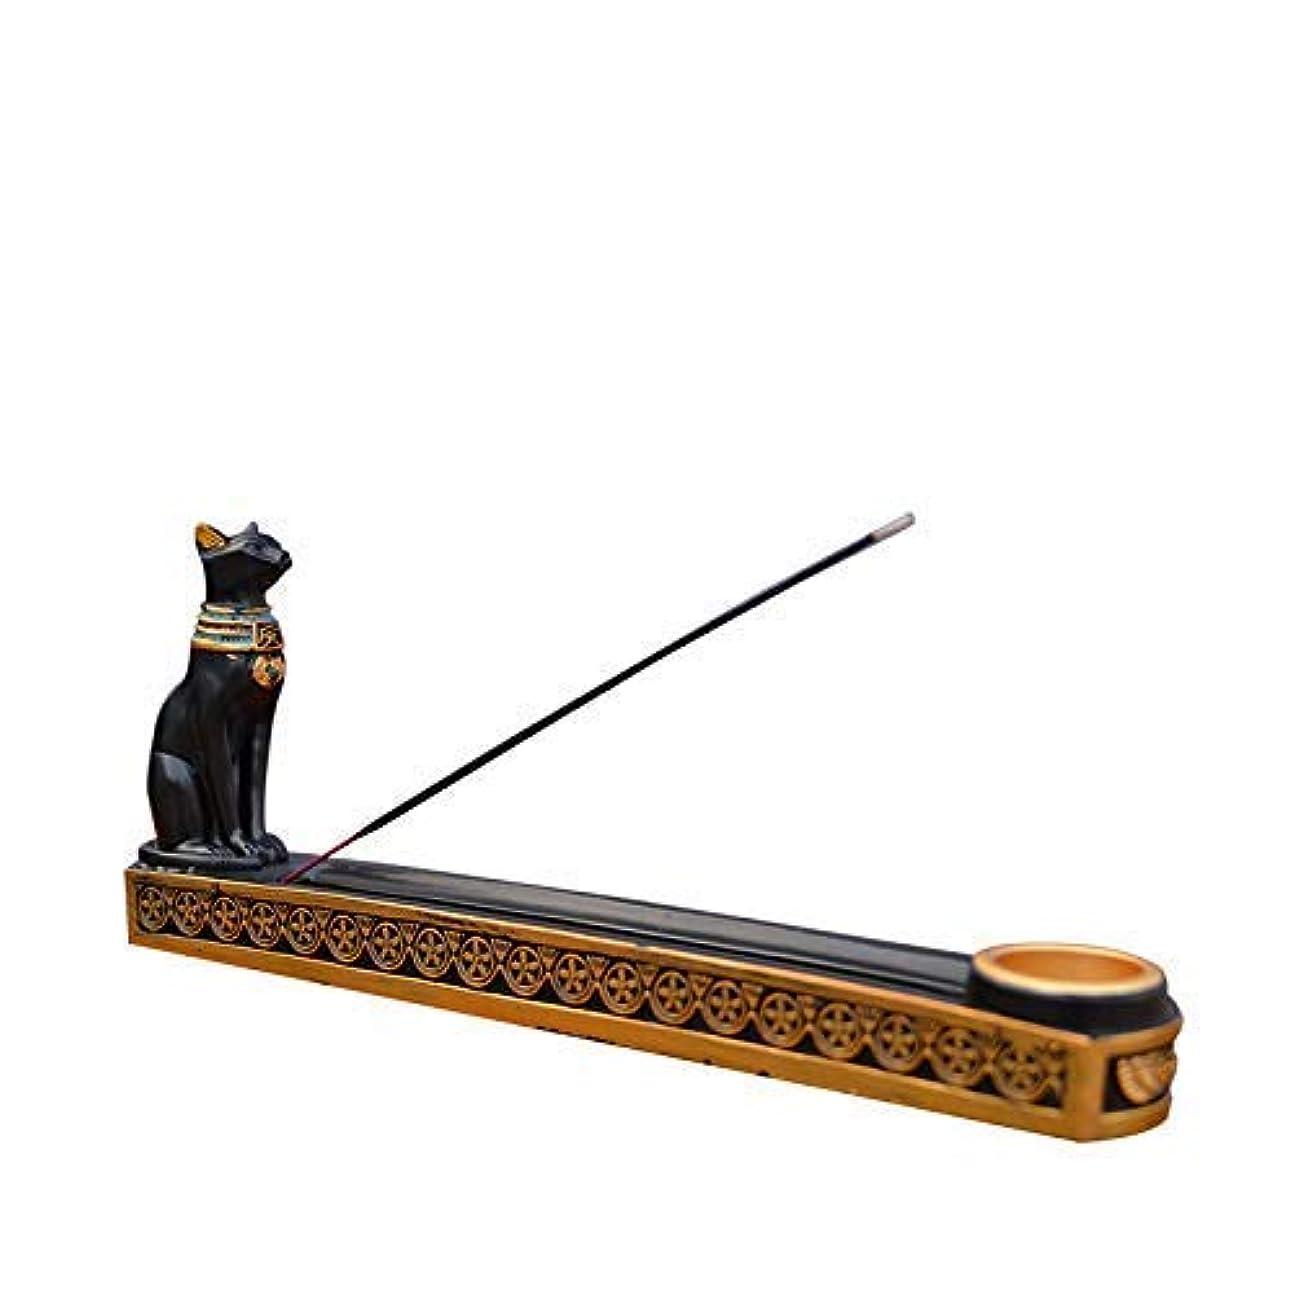 大破精神下るtonntyann 横置き お香立て ボックス 猫 寝かせ スティックおしゃれ 線香立て お香 古代エジプト風 バステト神 アロマ お香 横置き ヒエログリフ ネ